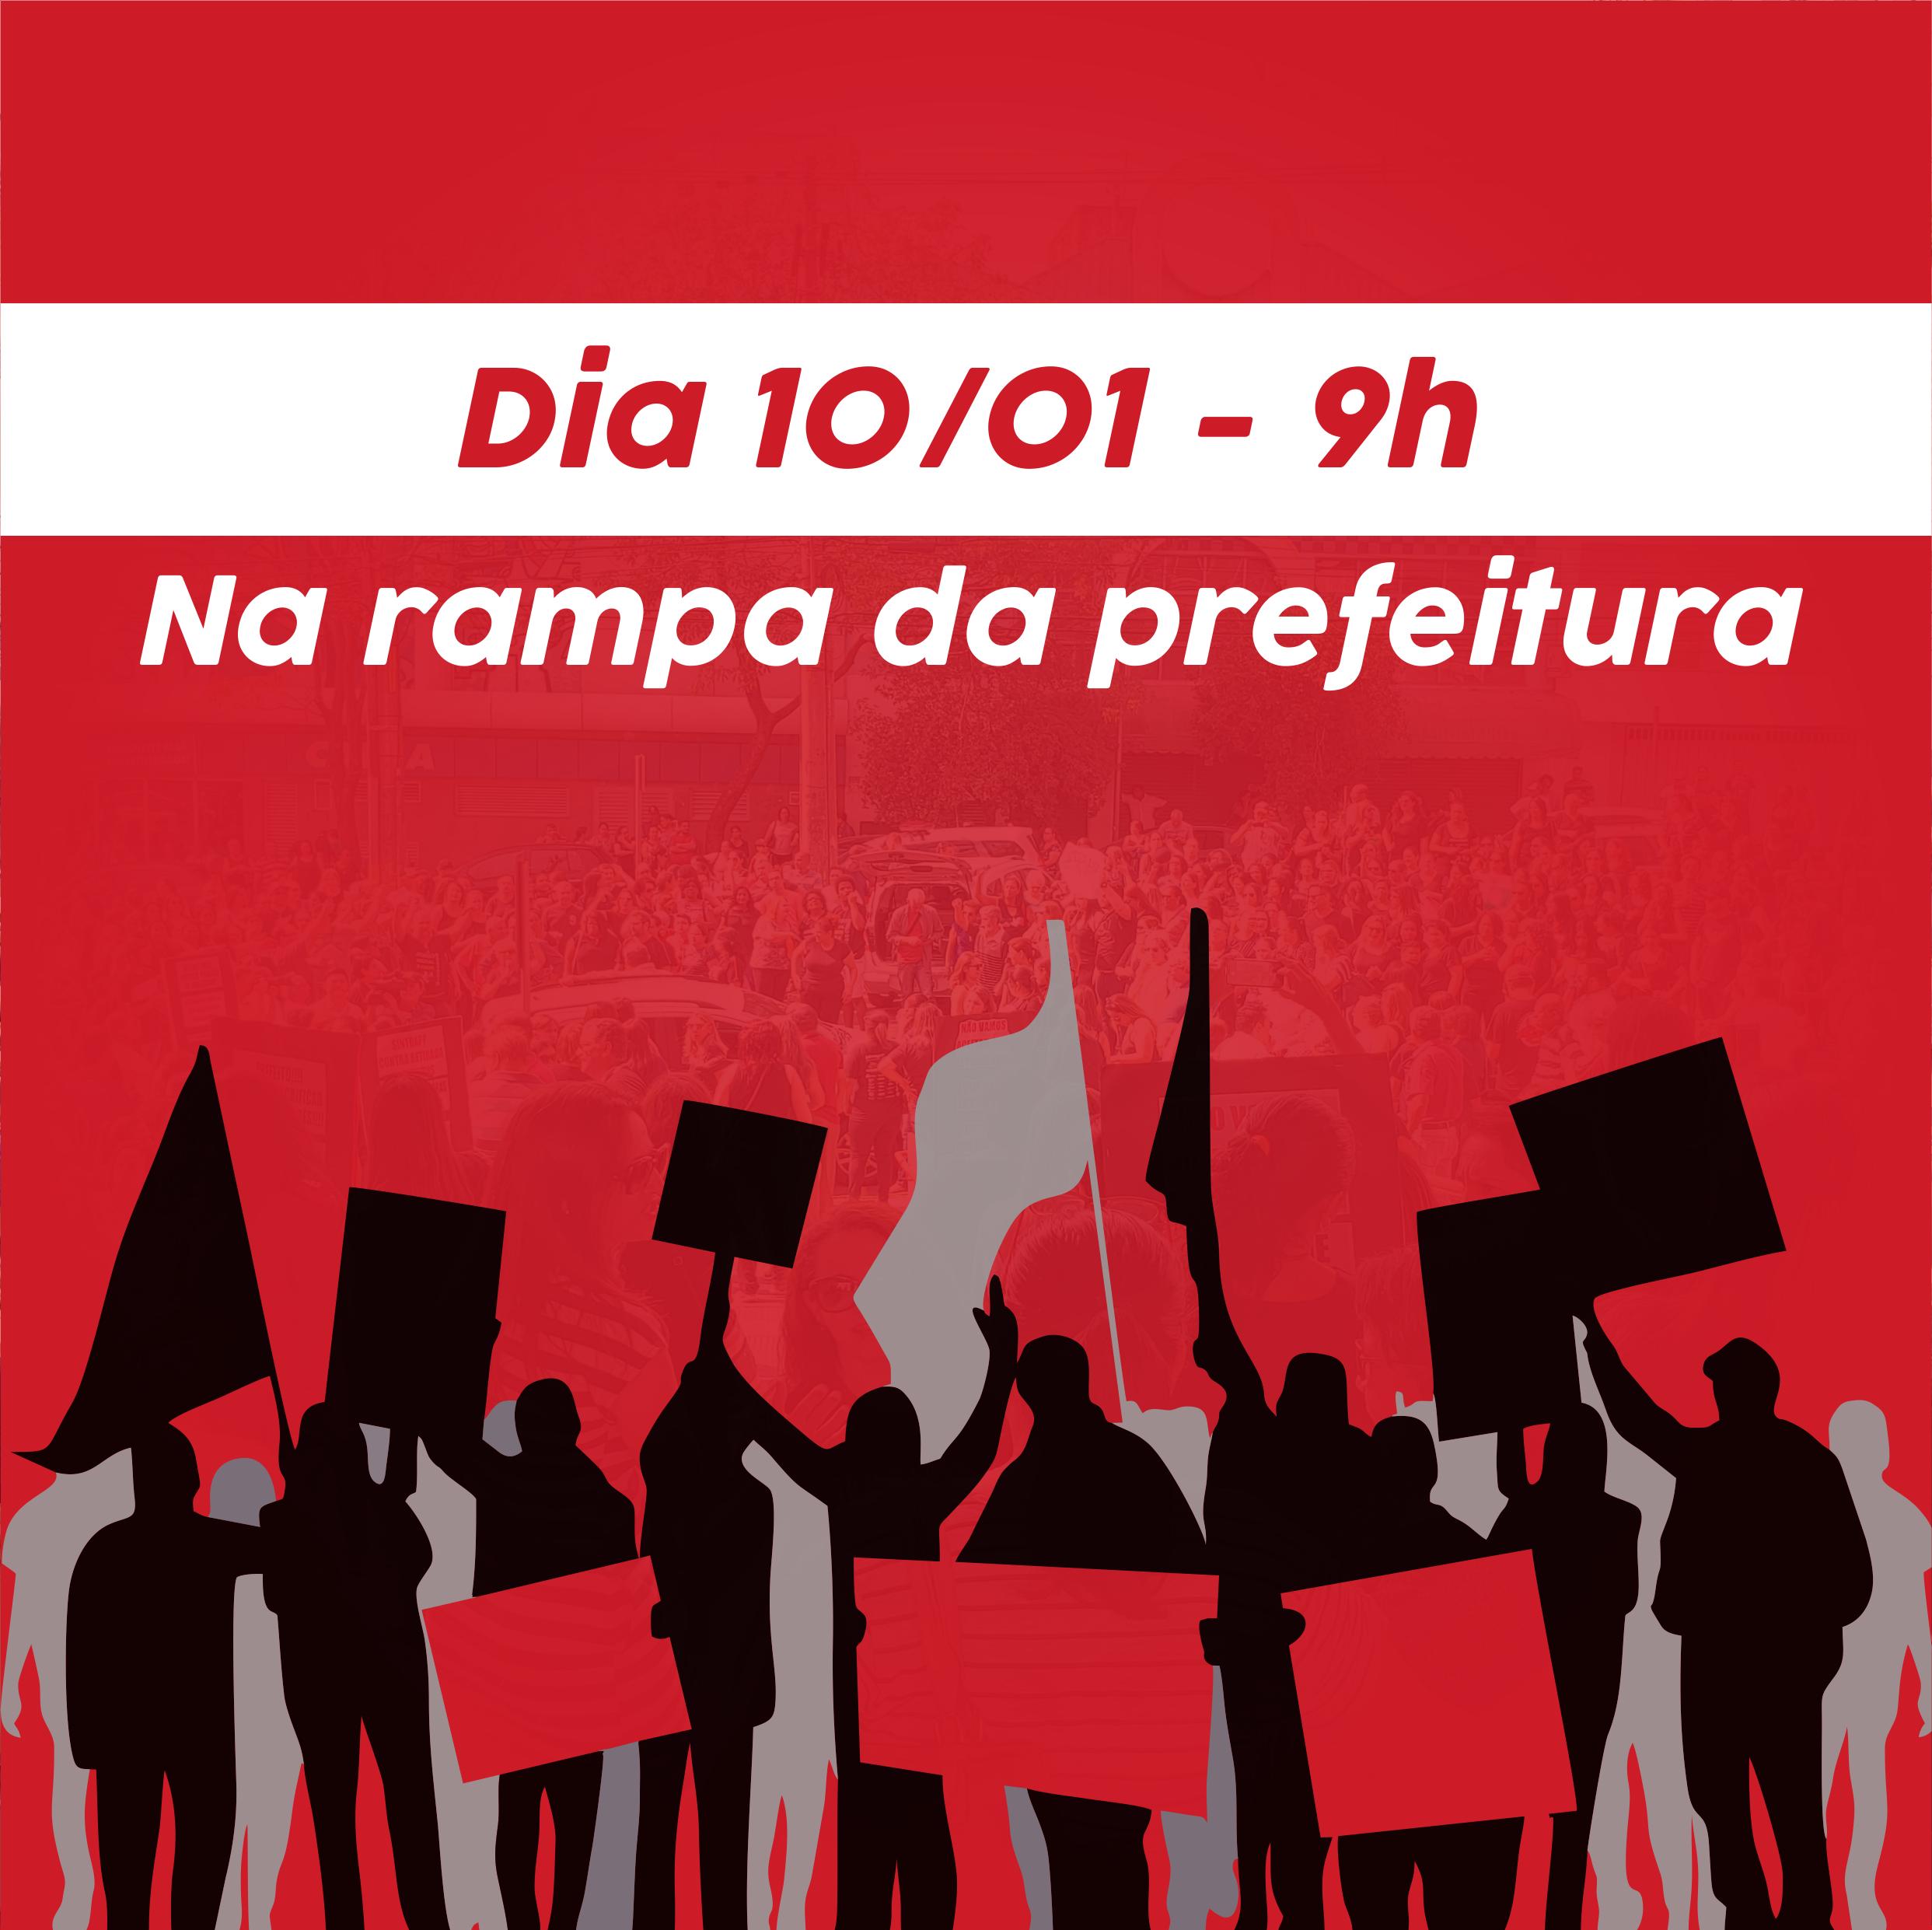 Após reunião, sindicato convoca categoria para exigir cumprimento de seus direitos